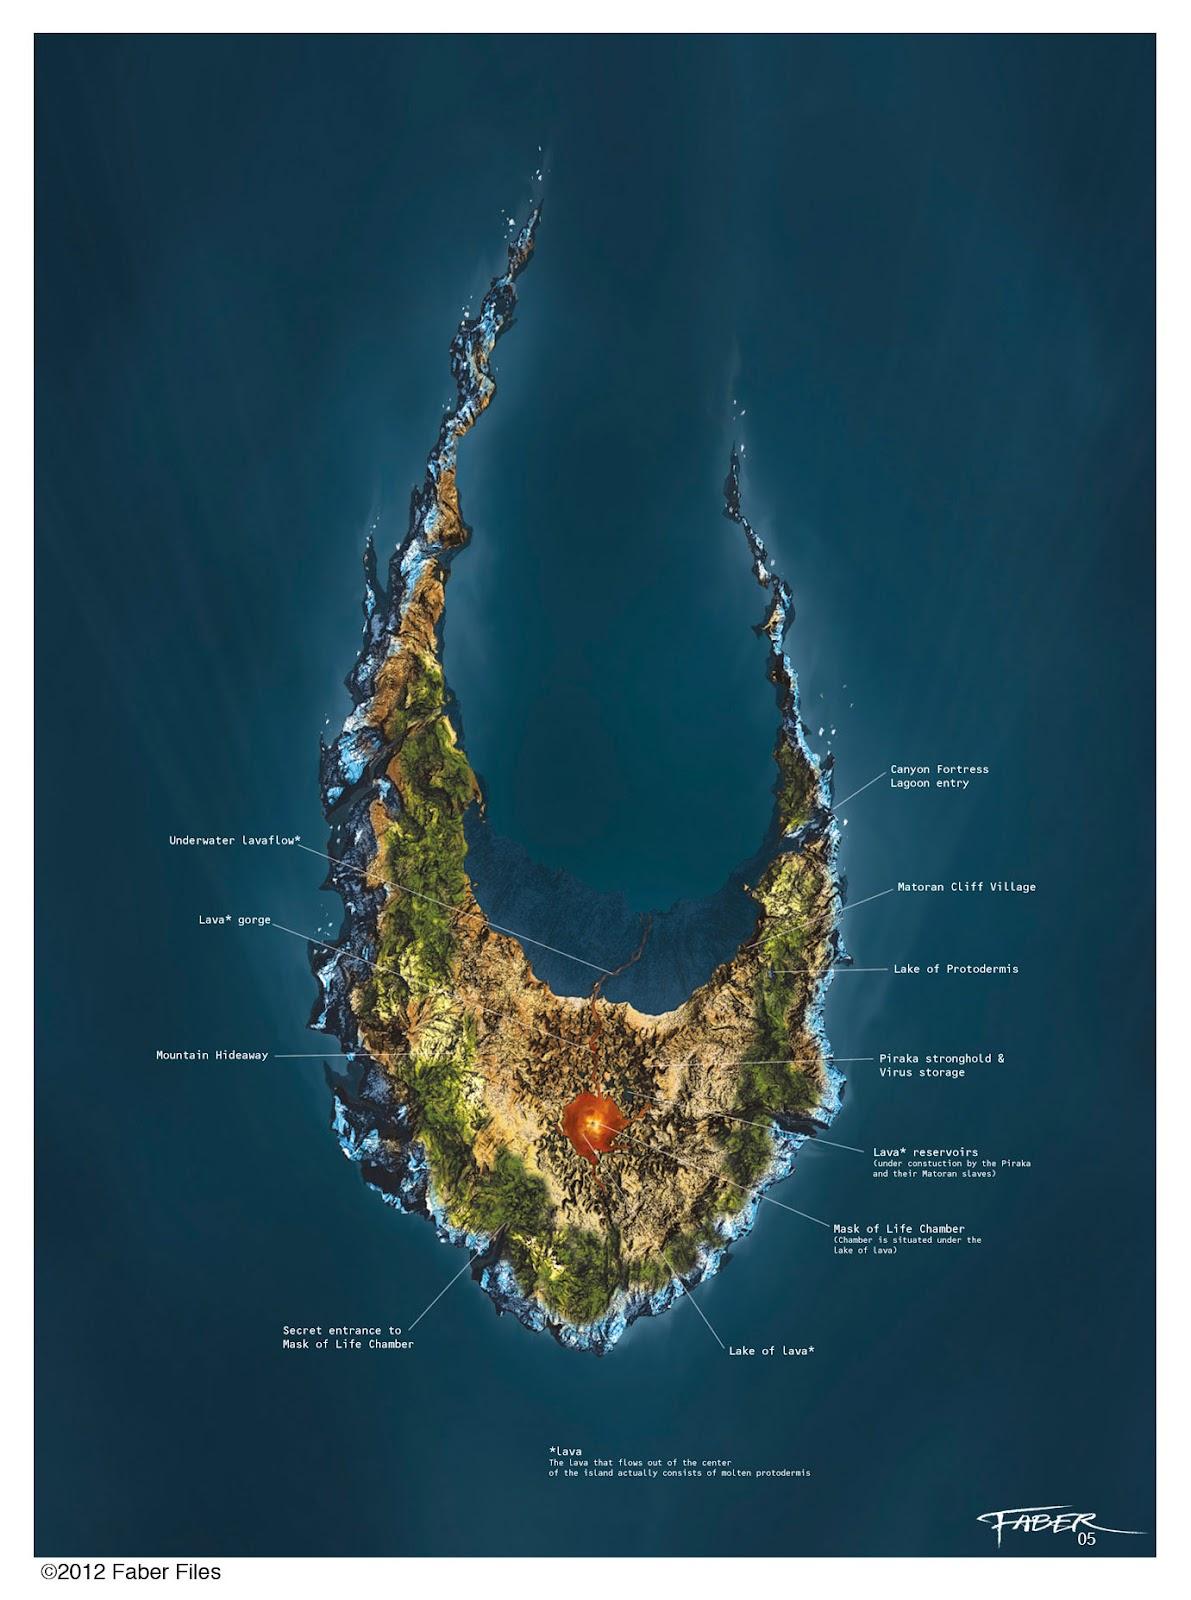 [Culture] Quel est votre lieu préféré dans BIONICLE ? Christian+Faber+Files_Voya+Nui+map